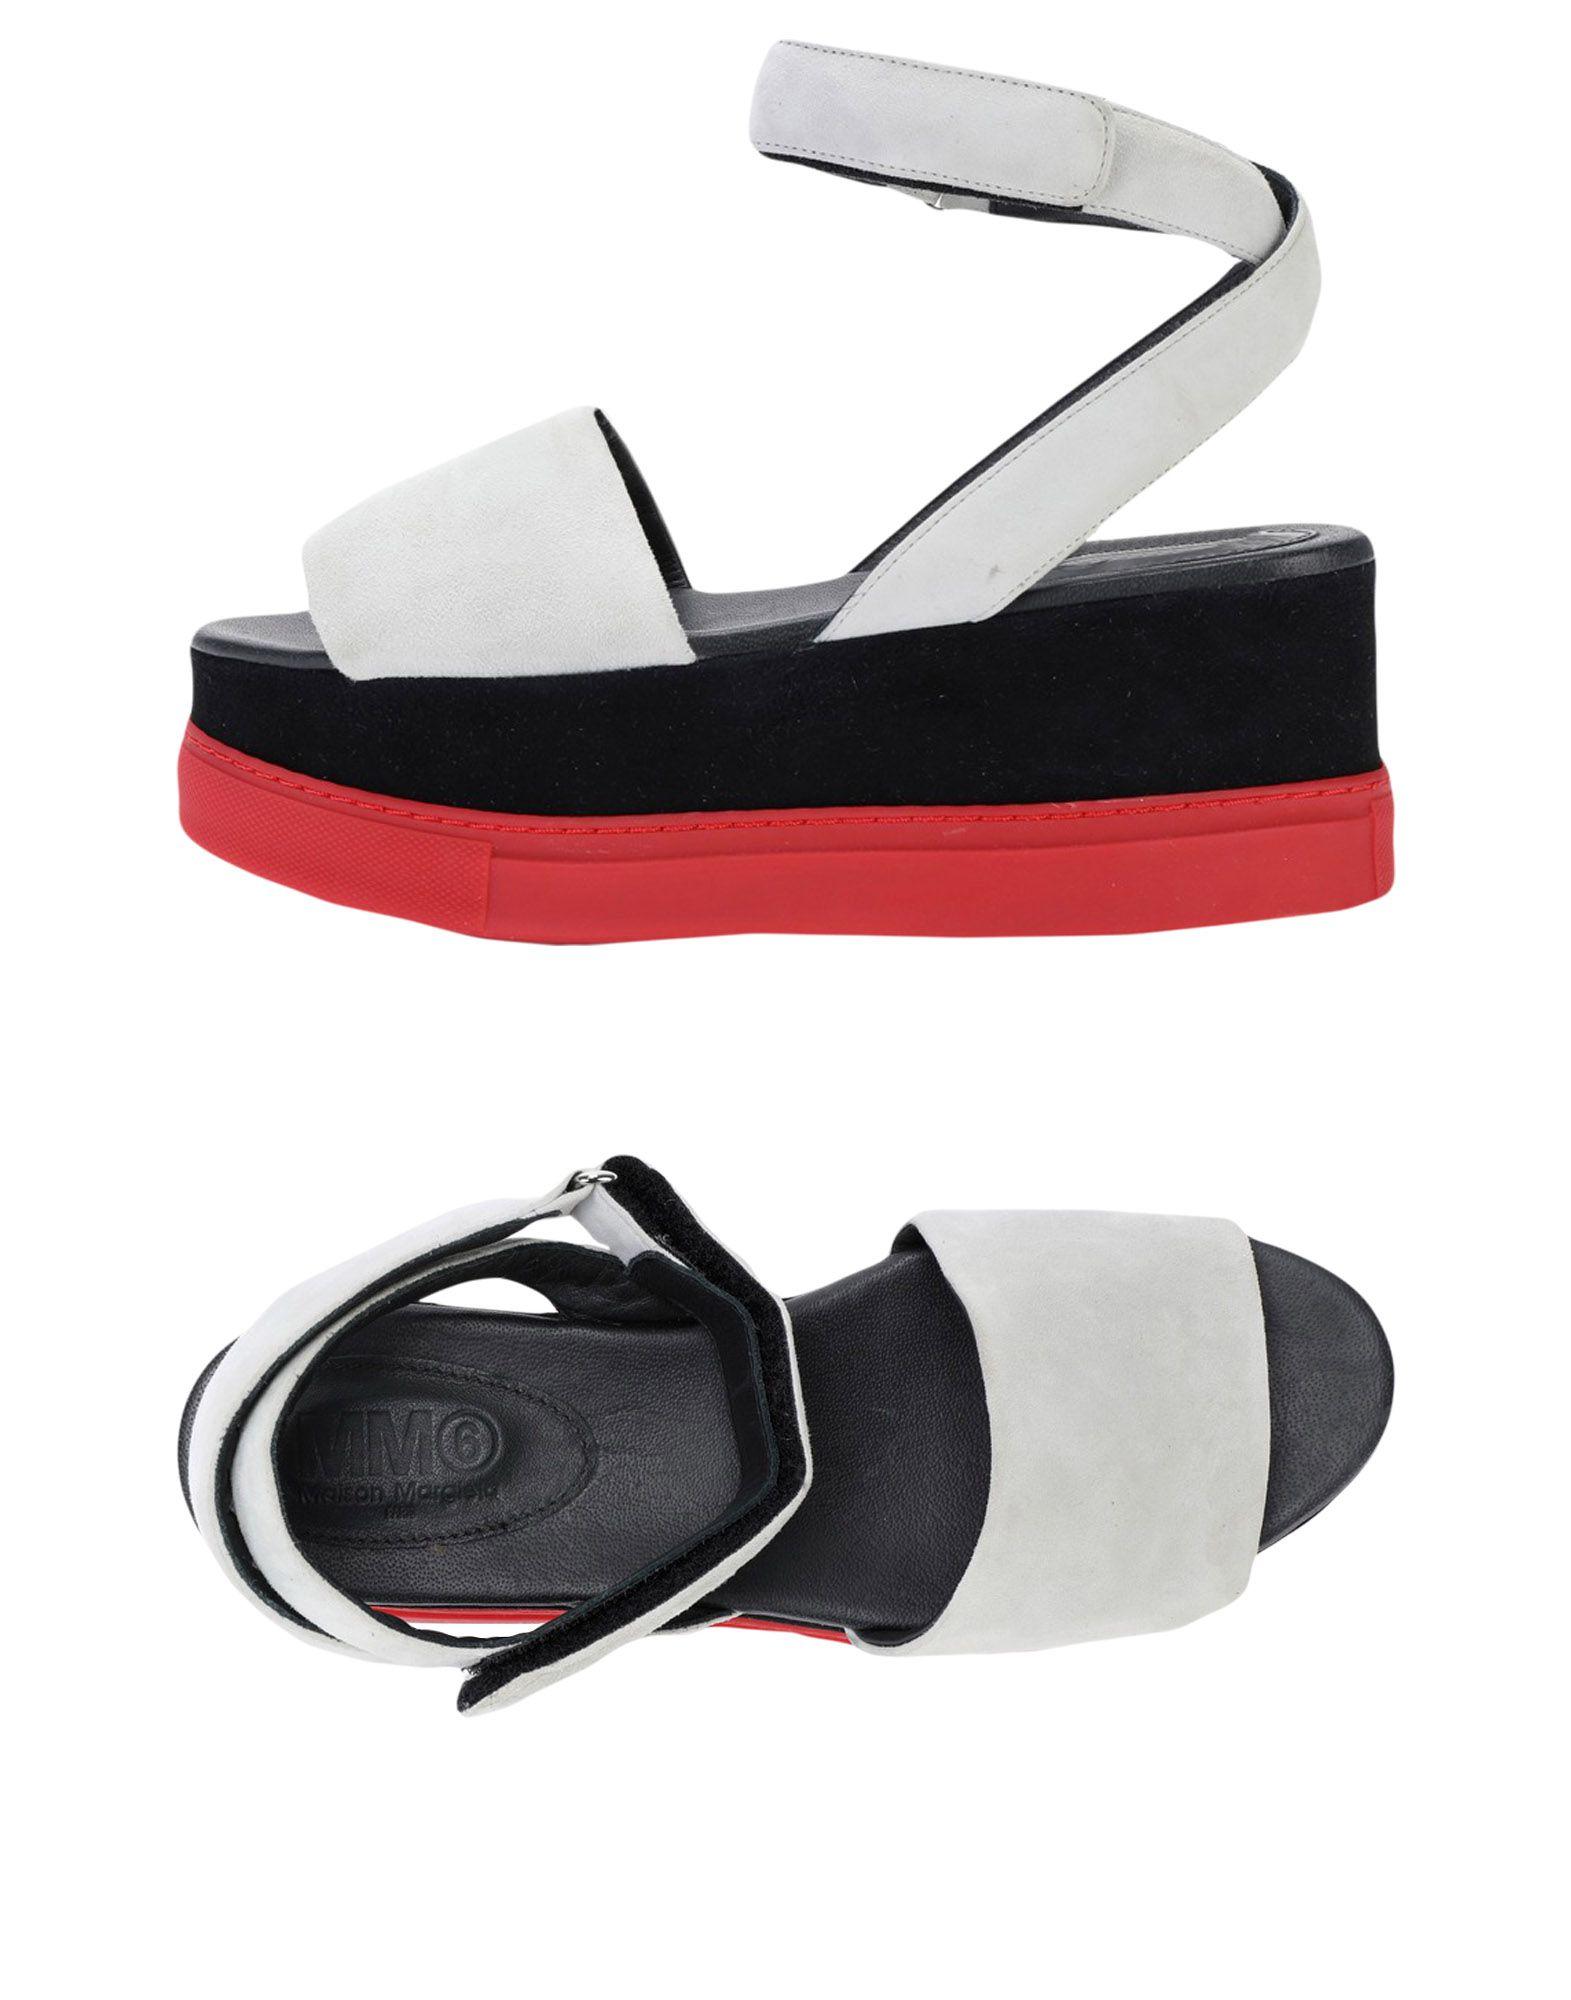 Mm6 Qualität Maison Margiela Sandalen Damen  11358563IJ Gute Qualität Mm6 beliebte Schuhe da1e22